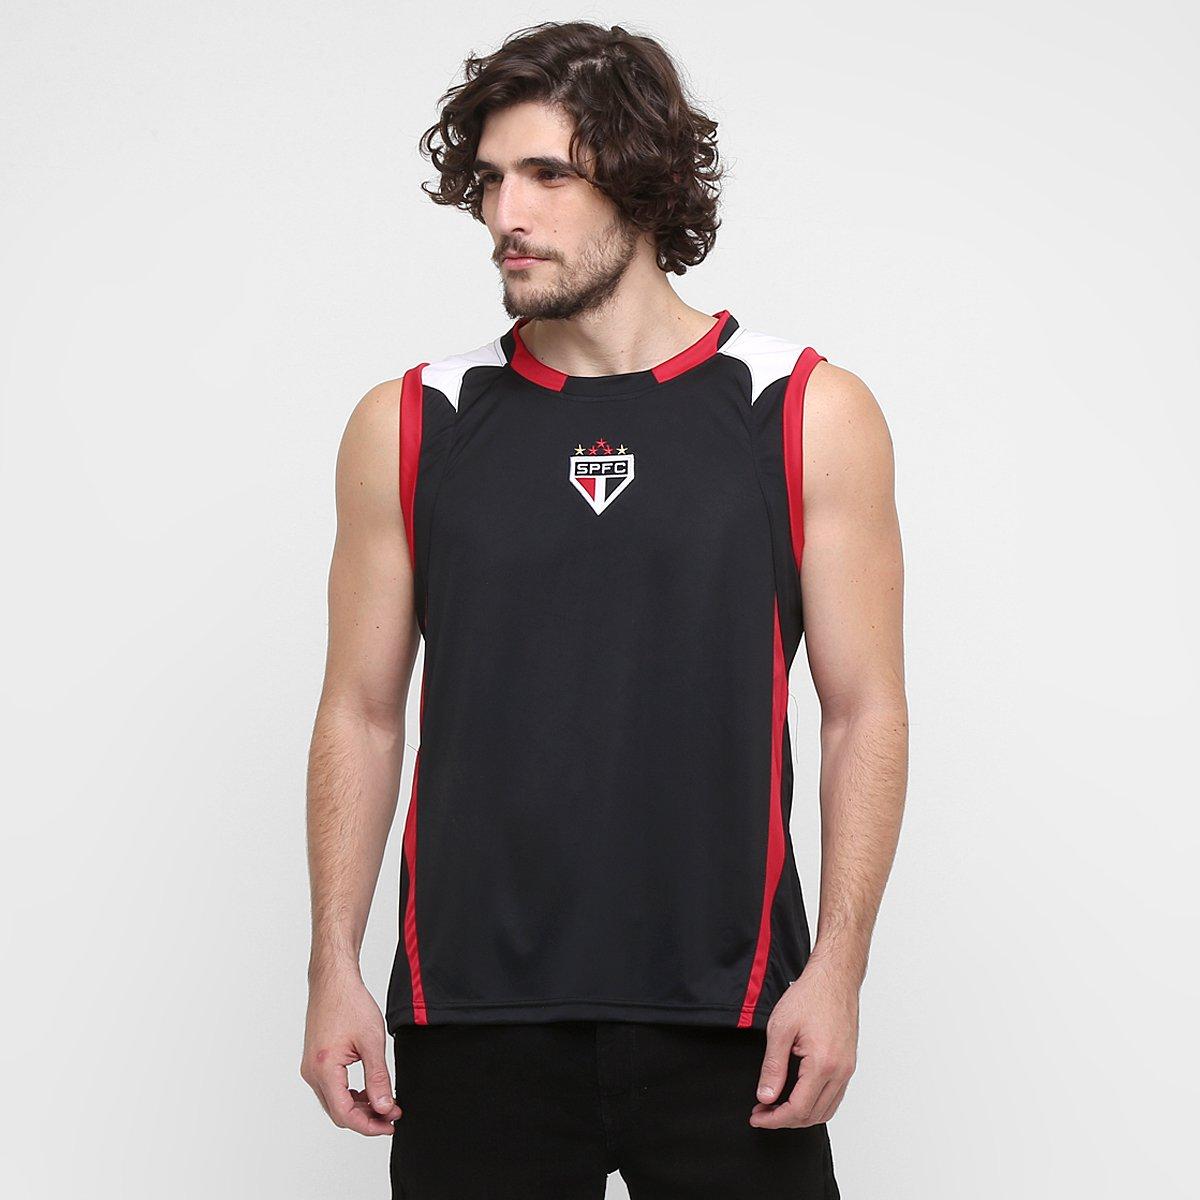 a7582935925bb Camiseta Regata São Paulo c  Recorte - Compre Agora